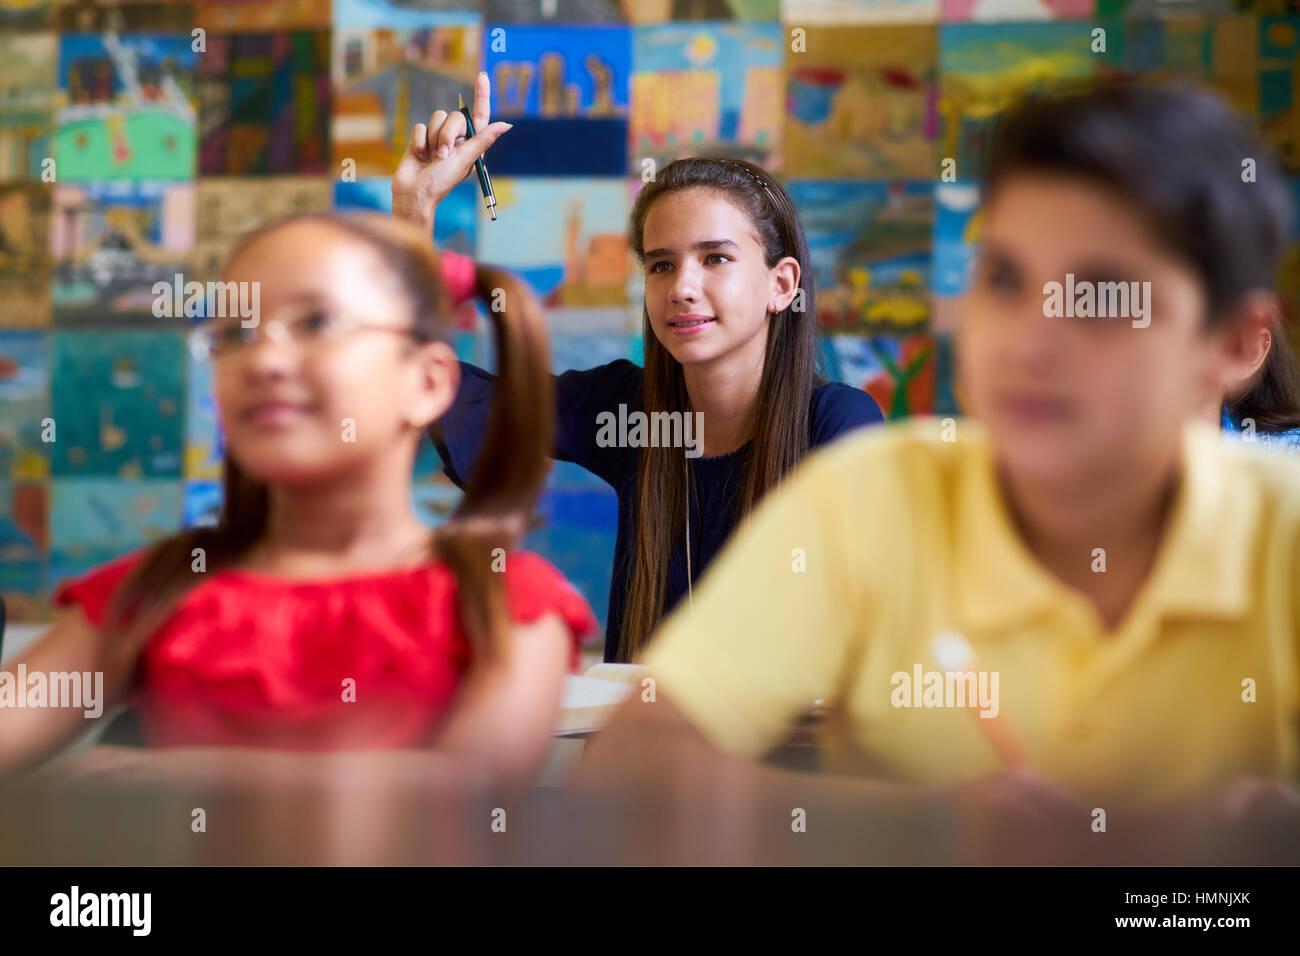 Los jóvenes y la educación. Grupo de estudiantes en clase en la escuela durante la lección. Chica Imagen De Stock